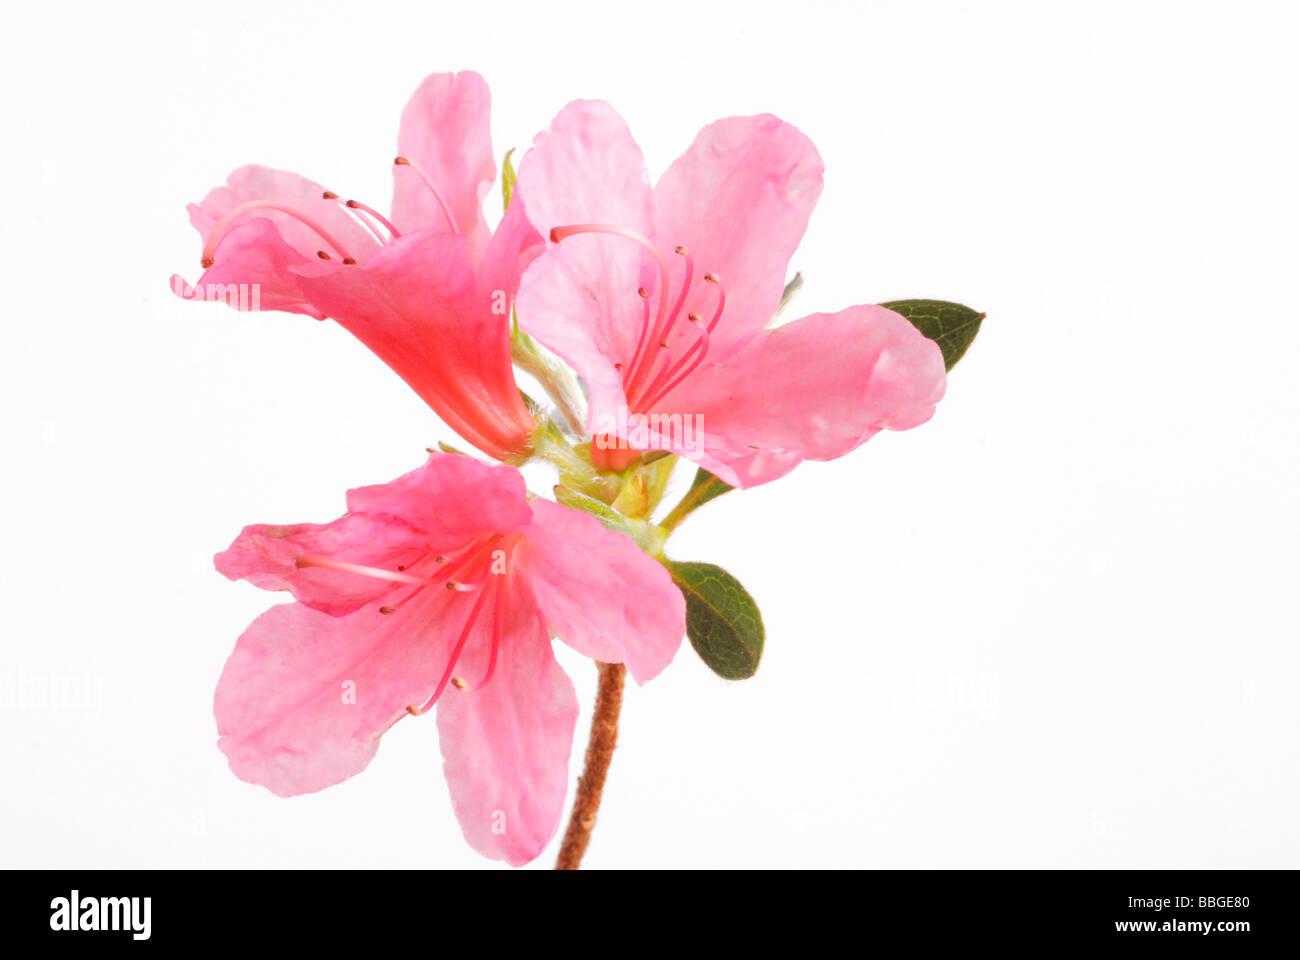 Japanese azalea - Stock Image